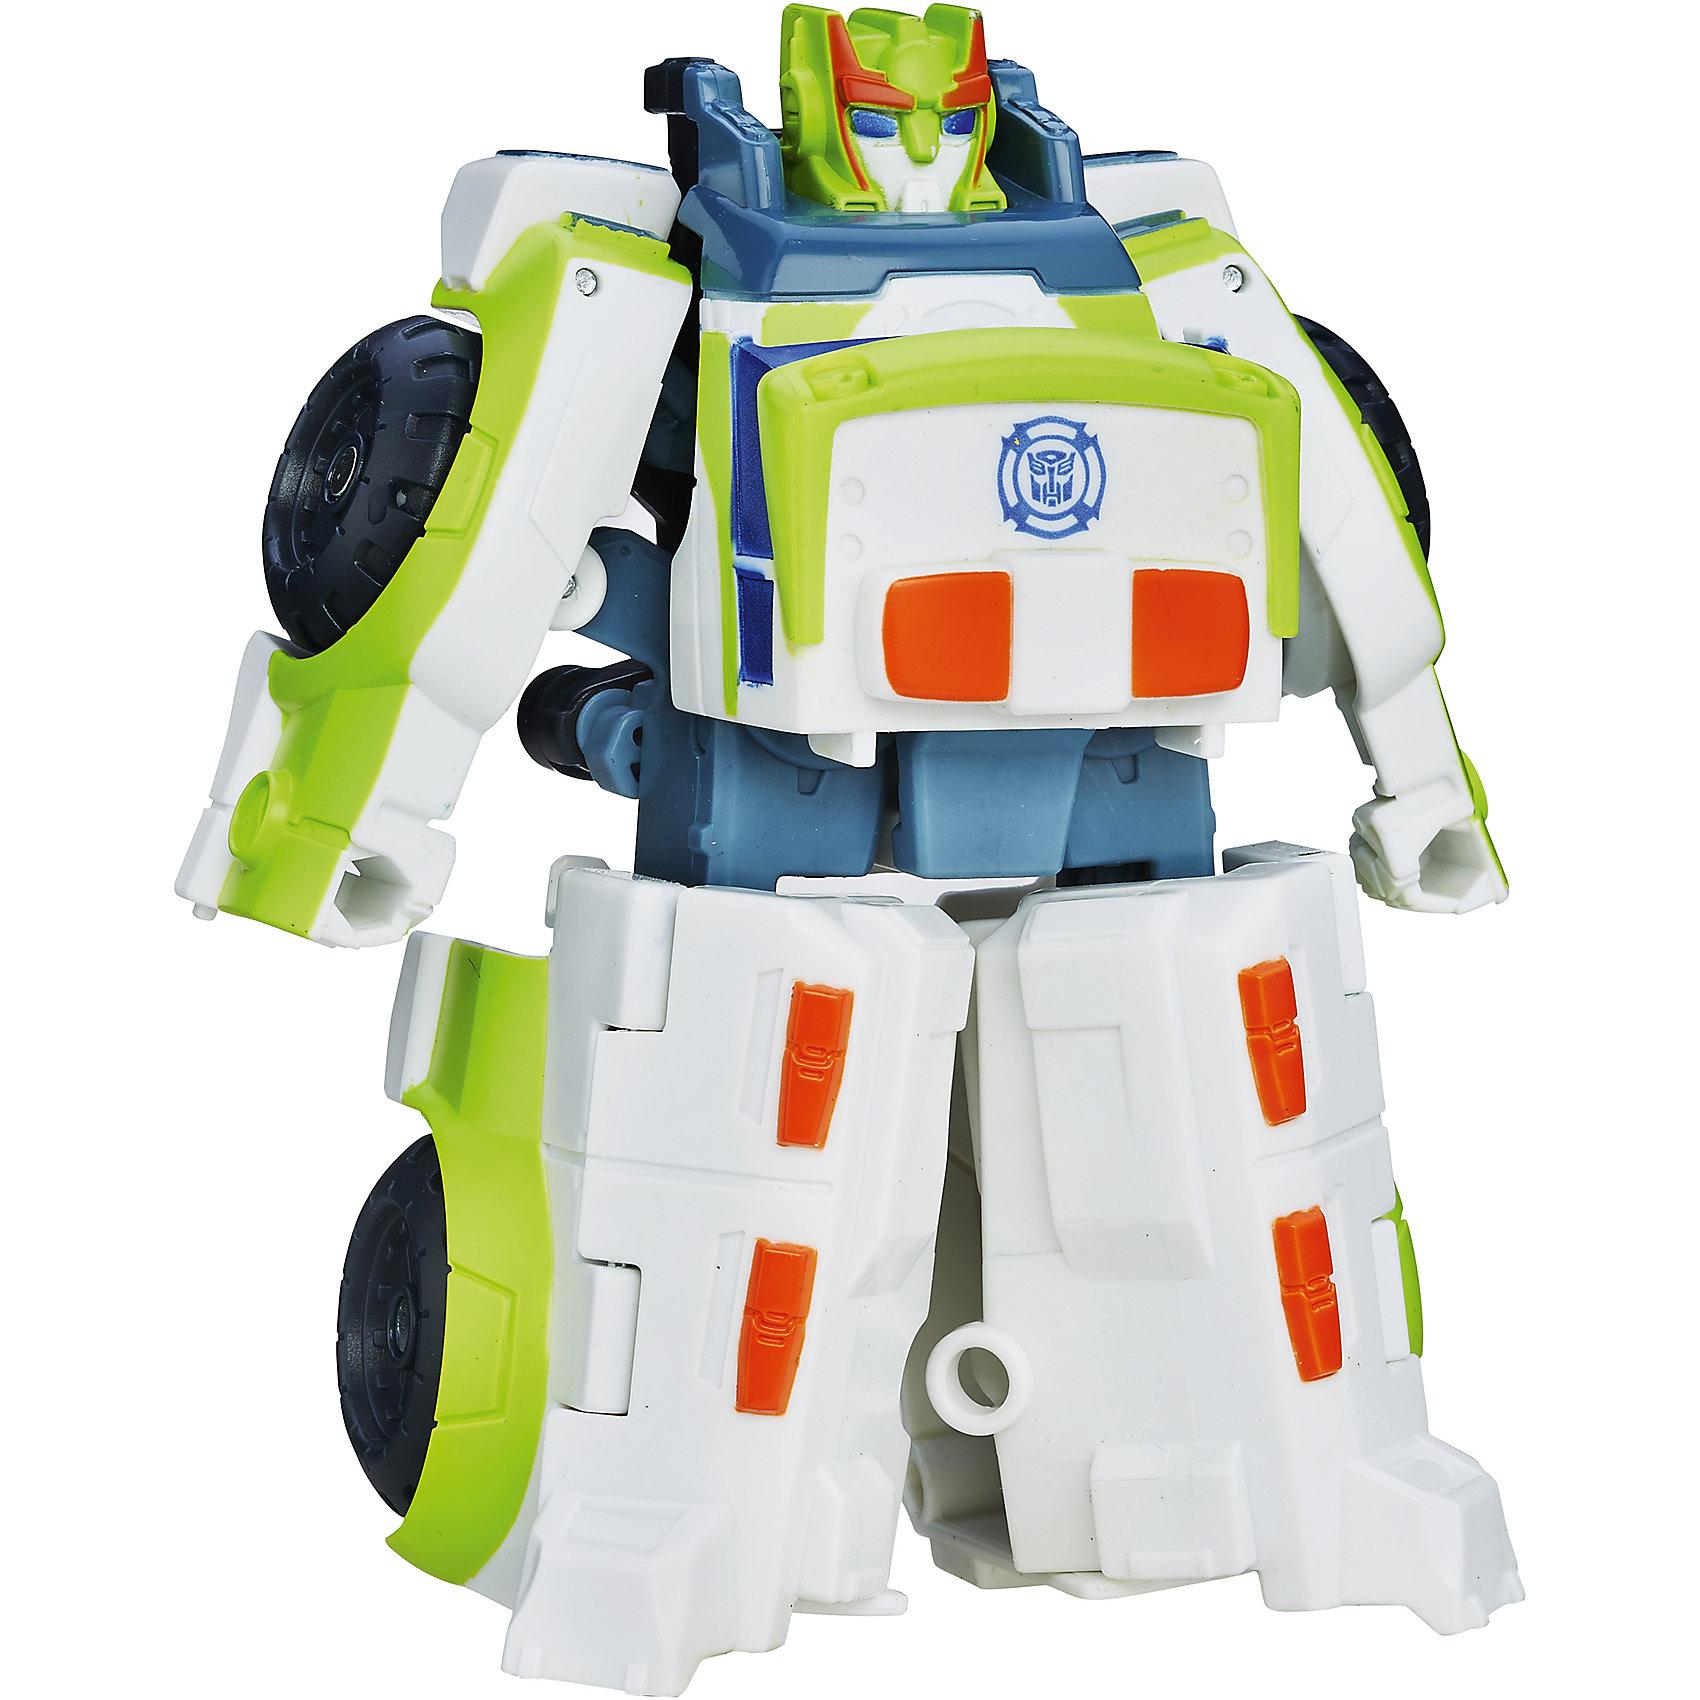 Трансформер, Playskool heroes, Valor the Lion-BotТрансформеры-игрушки<br>Характеристики товара:<br><br>• возраст от 3 лет;<br>• материал: пластик;<br>• высота робота 13 см;<br>• размер упаковки 24,1х16,2х5,8 см;<br>• вес упаковки 140 гр.;<br>• страна производитель: Китай.<br><br>Трансформеры-динозавры Playskool Heroes — персонажи известного фильма «Трансформеры» про роботов-трансформеров, которые превращаются а машины. Благодаря шарнирным механизмам игрушка легко трансформируется из робота в еще одну фигурку. С обеими фигурками можно придумывать увлекательные игры. Робот выполнен из качественного прочного пластика.<br><br>Трансформеров-динозавров Playskool Heroes можно приобрести в нашем интернет-магазине.<br><br>Ширина мм: 58<br>Глубина мм: 162<br>Высота мм: 241<br>Вес г: 140<br>Возраст от месяцев: 36<br>Возраст до месяцев: 84<br>Пол: Мужской<br>Возраст: Детский<br>SKU: 5622050